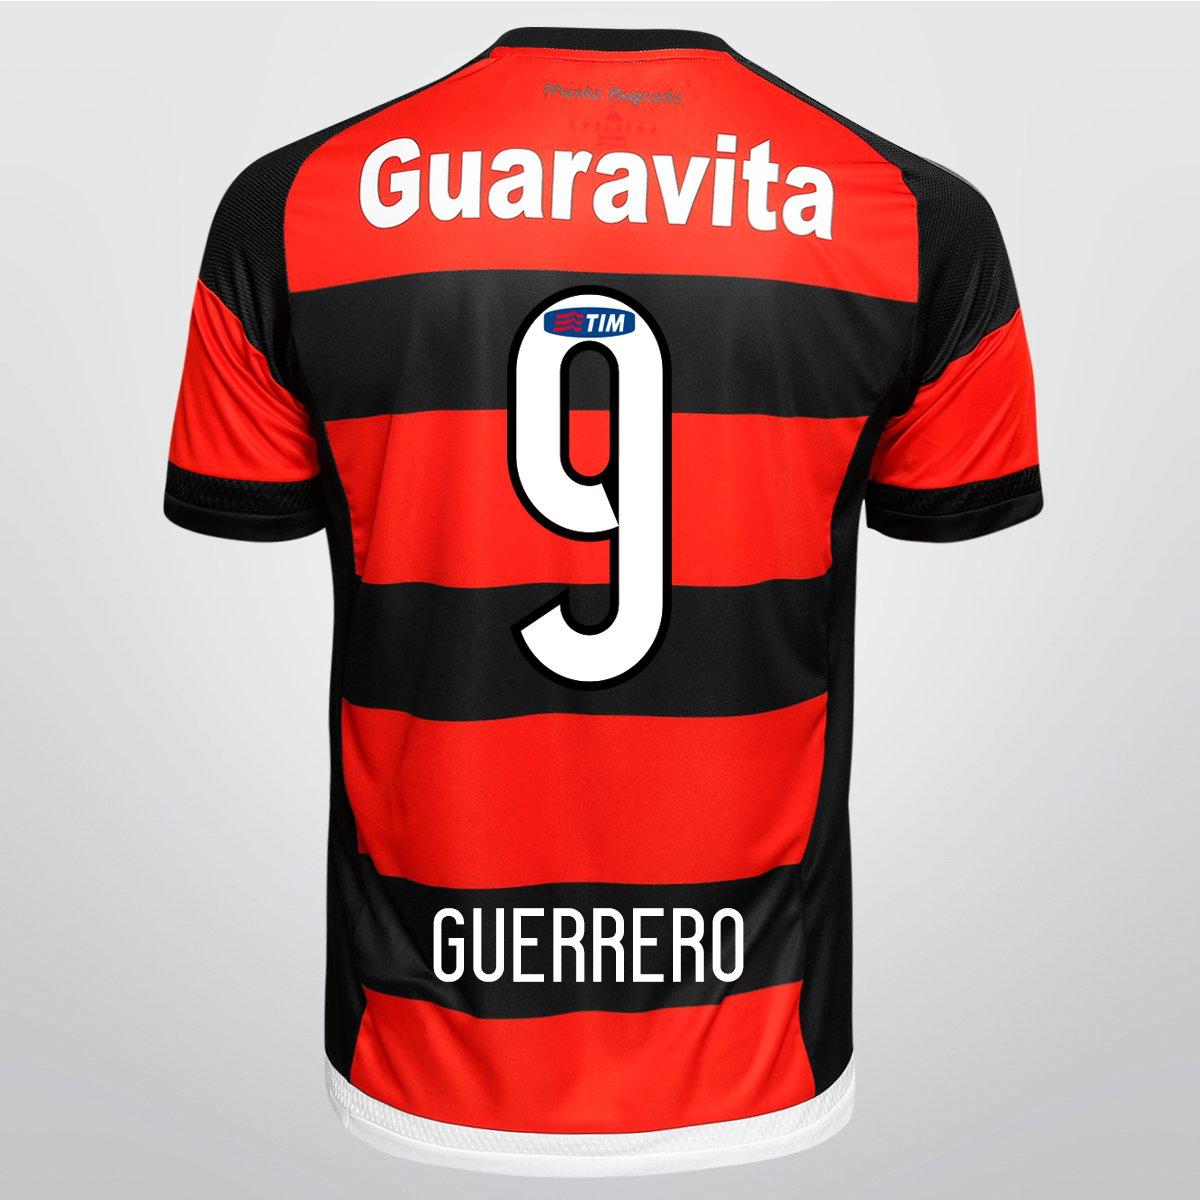 Camisa Adidas Flamengo I 15 16 nº 9 - Guerrero - Compre Agora  2f1ab65ccf53d